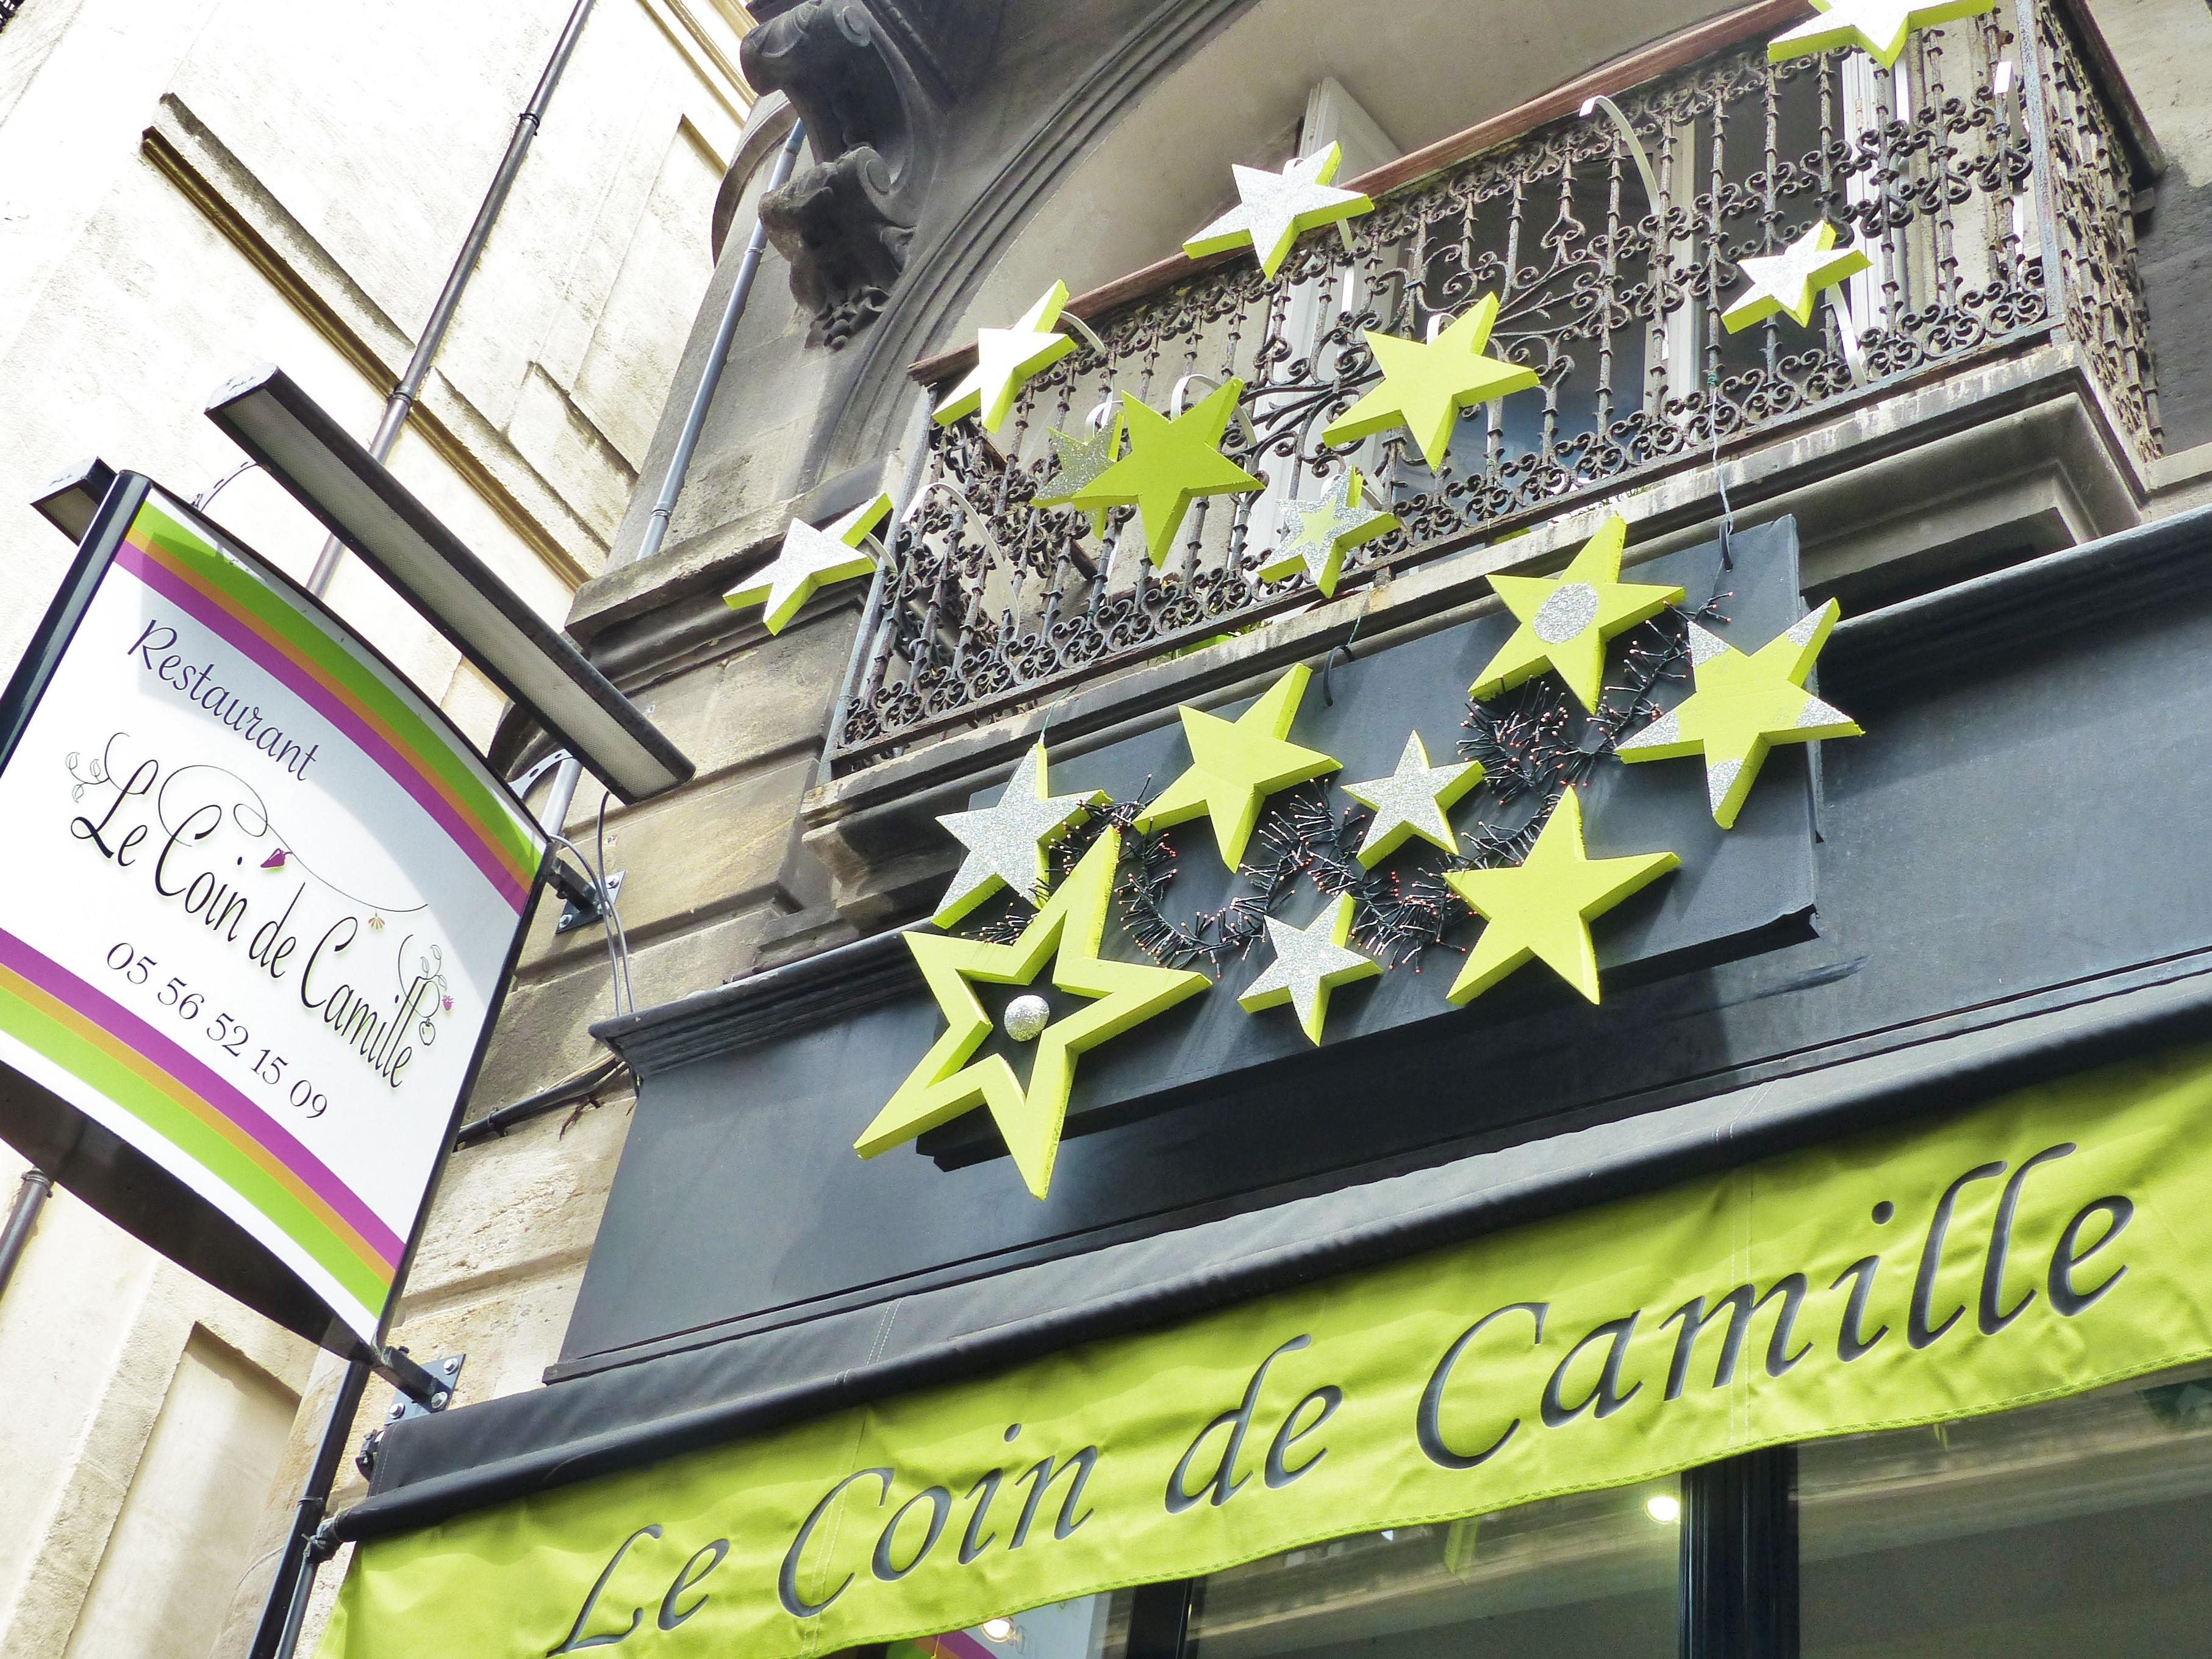 Le coin de Camille